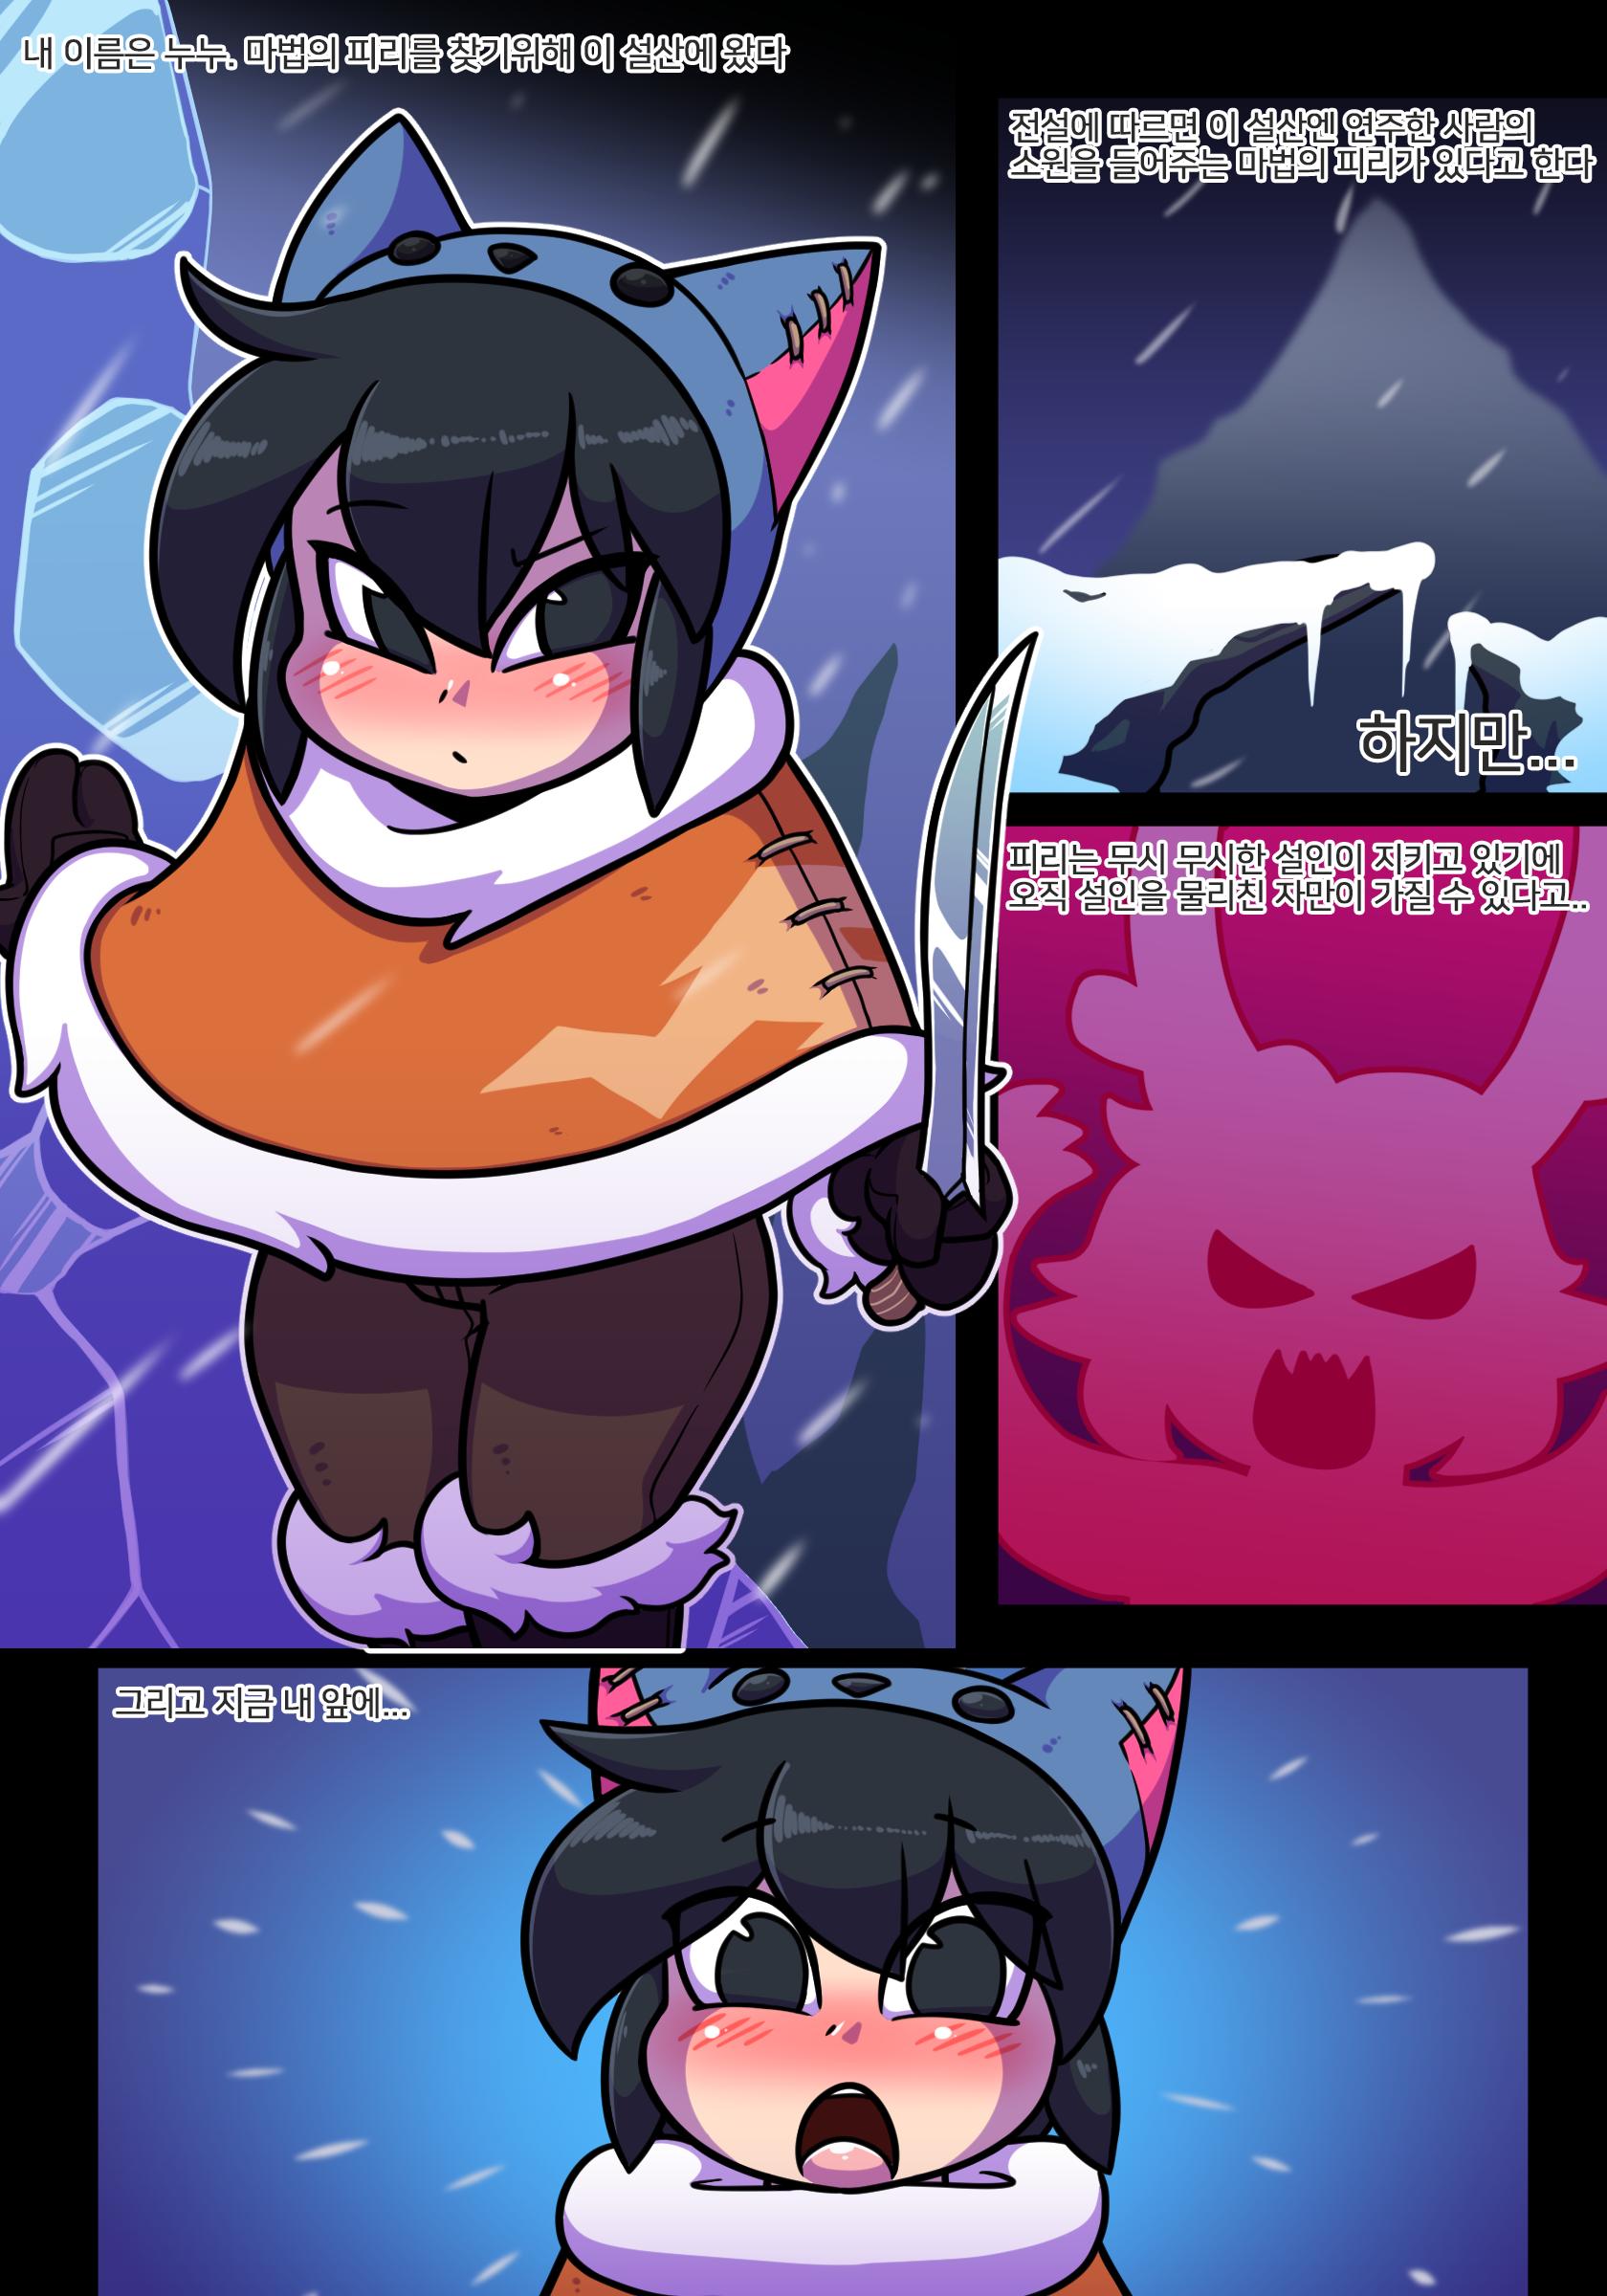 [KR - DOUJIN] Wherewolf ~ Nunu's The Yeti Hunt + Bonus Hentai